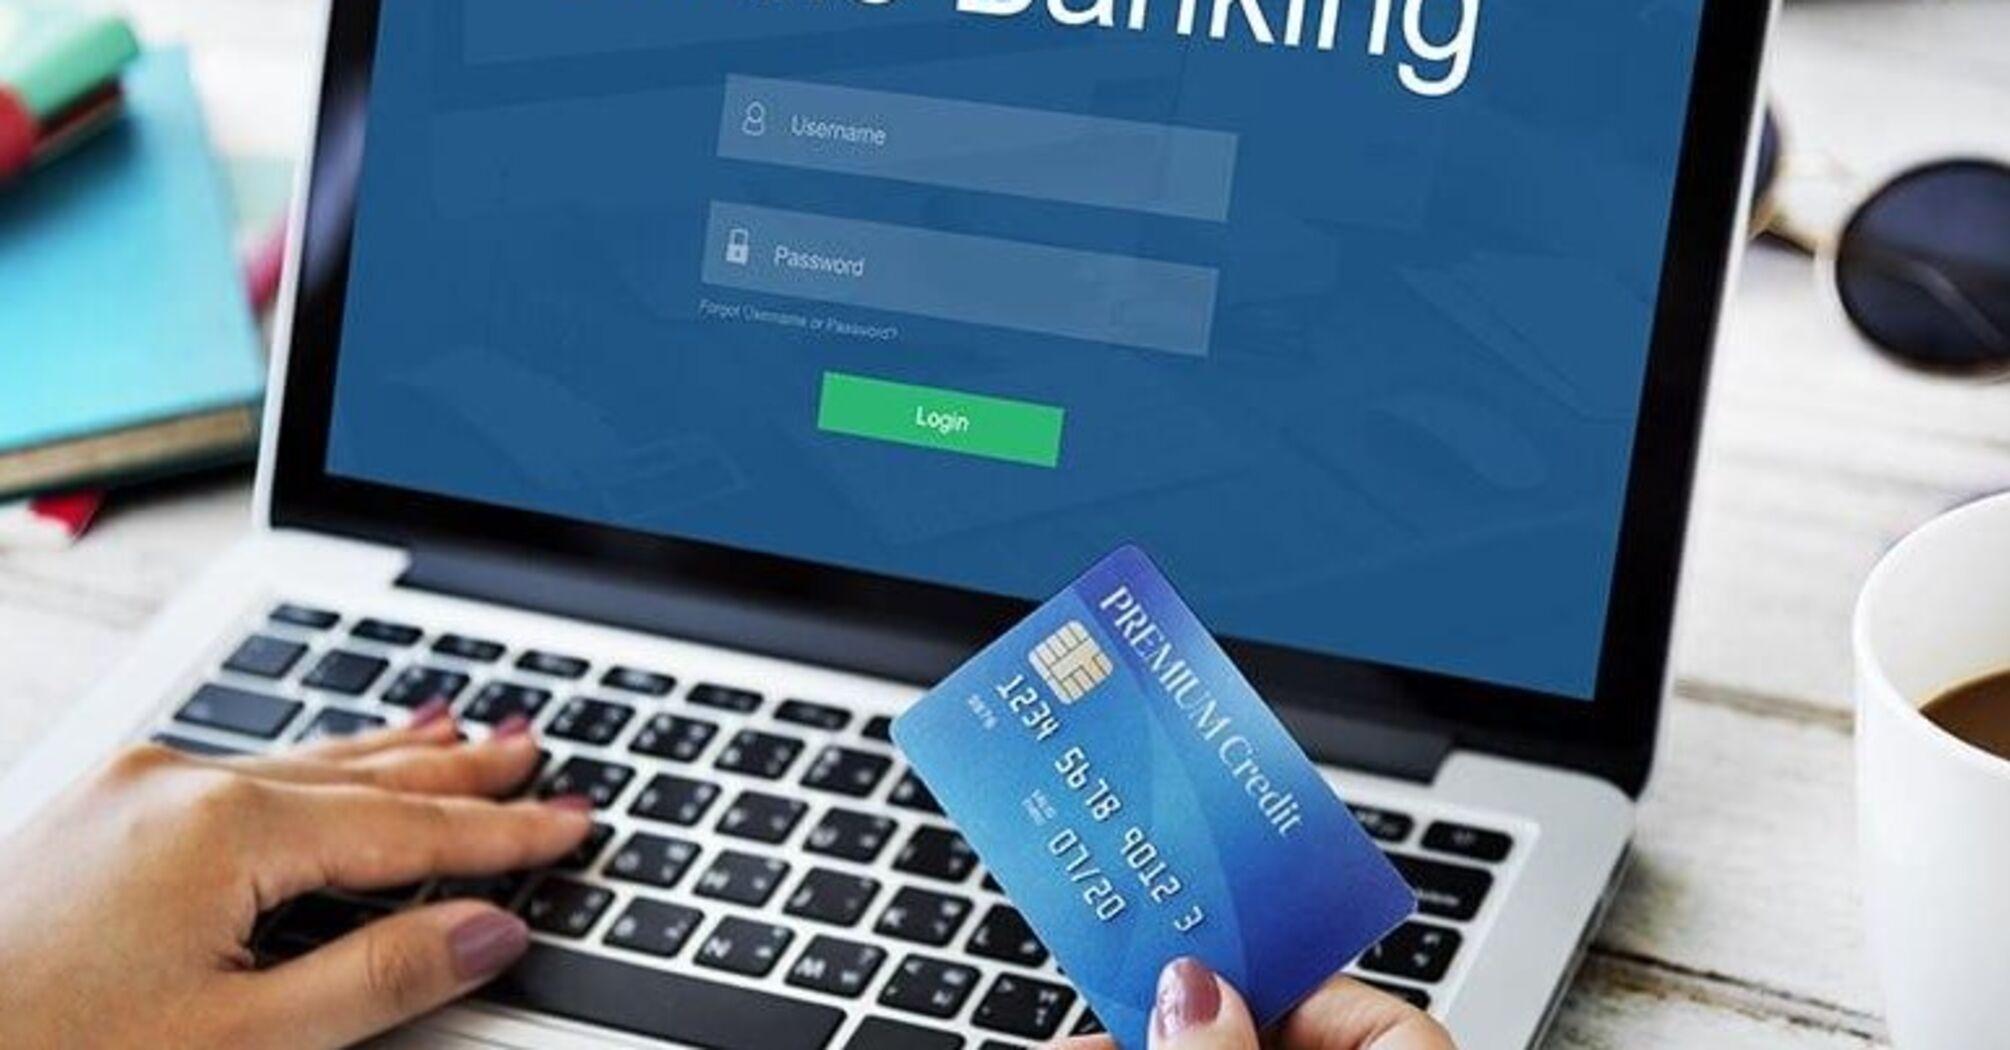 IBOX Bank долучається до інформаційної кампанії Нацбанку з протидії фінансовому шахрайству